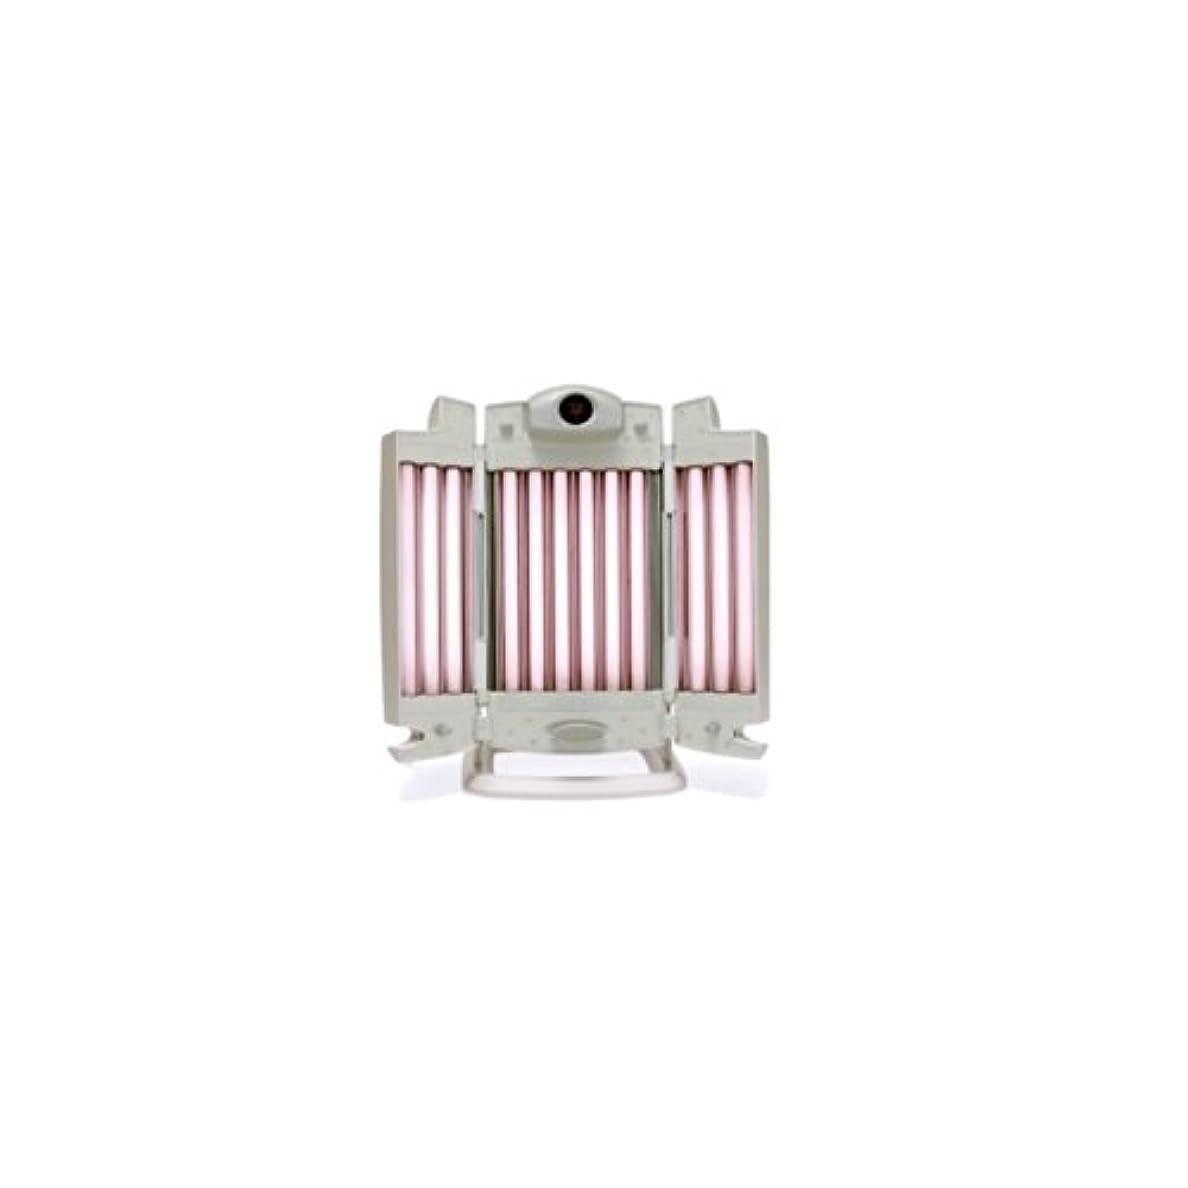 サスティーンランタンかごBaby's Colla Beauty Light Type FACIAL(ベビーズコラ ビューティーライト フェイシャルタイプ)